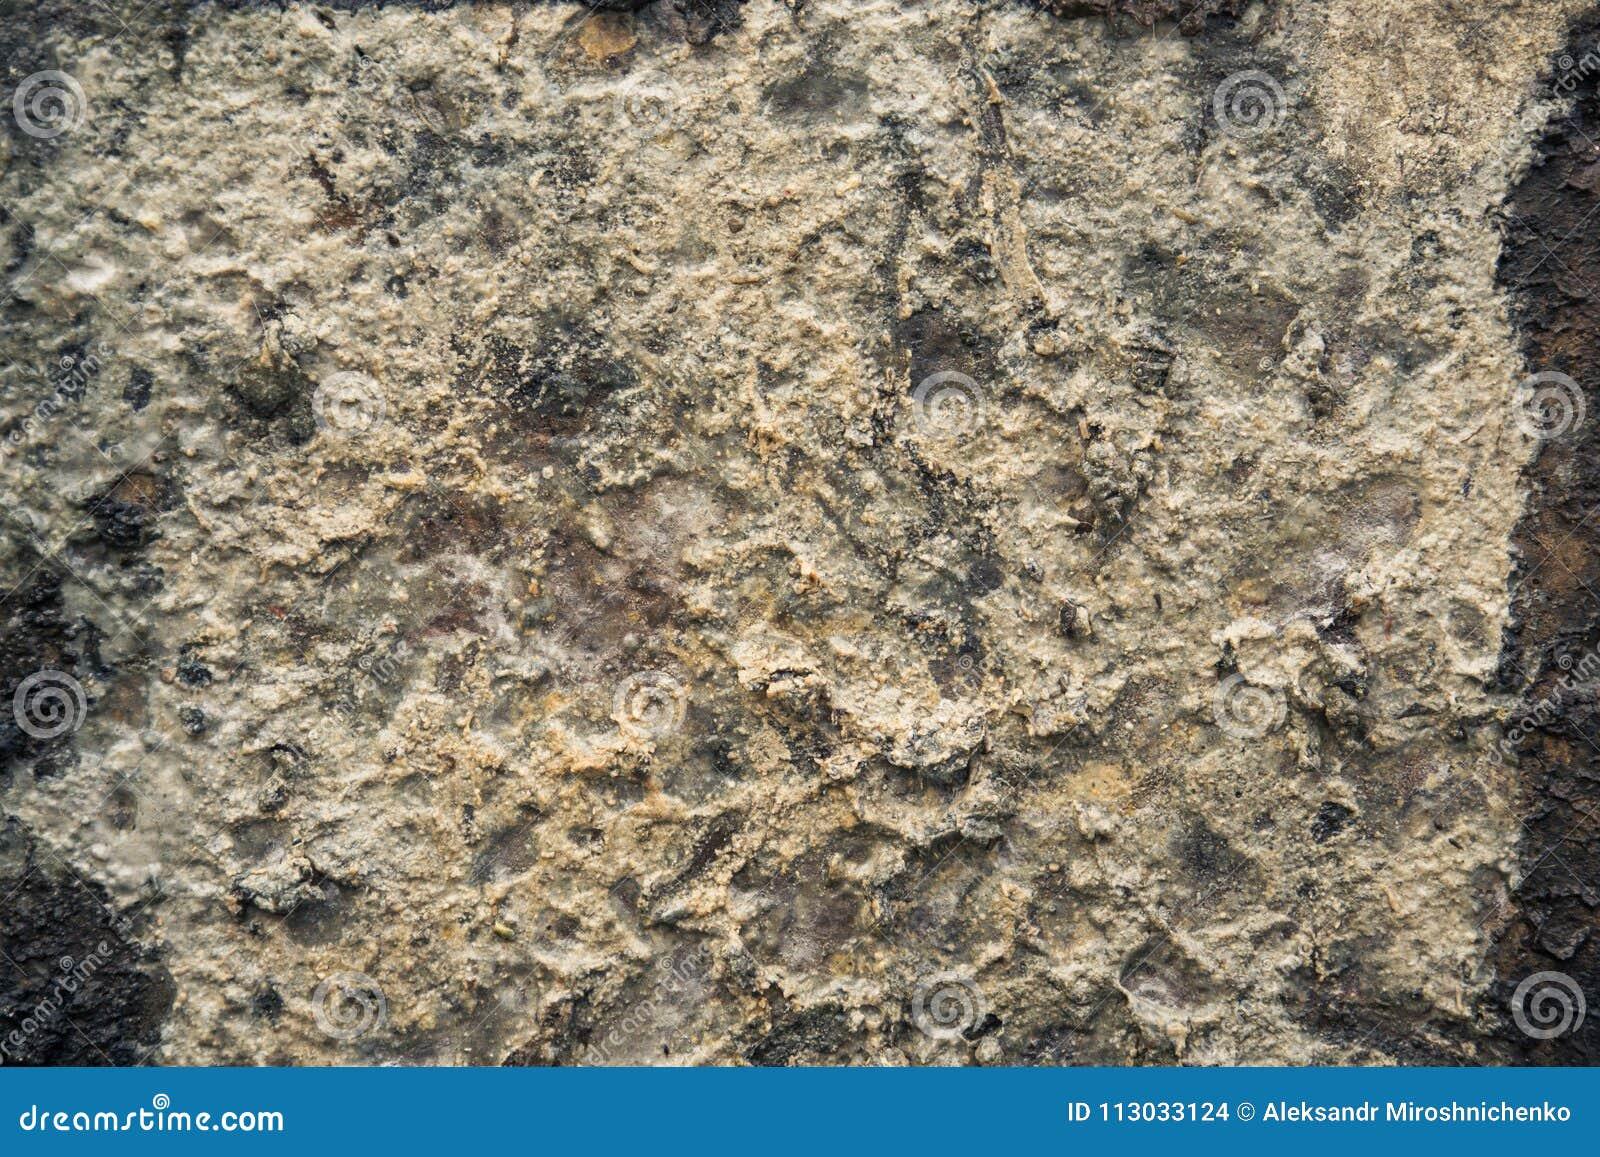 Placa extraña en el bloque de cemento